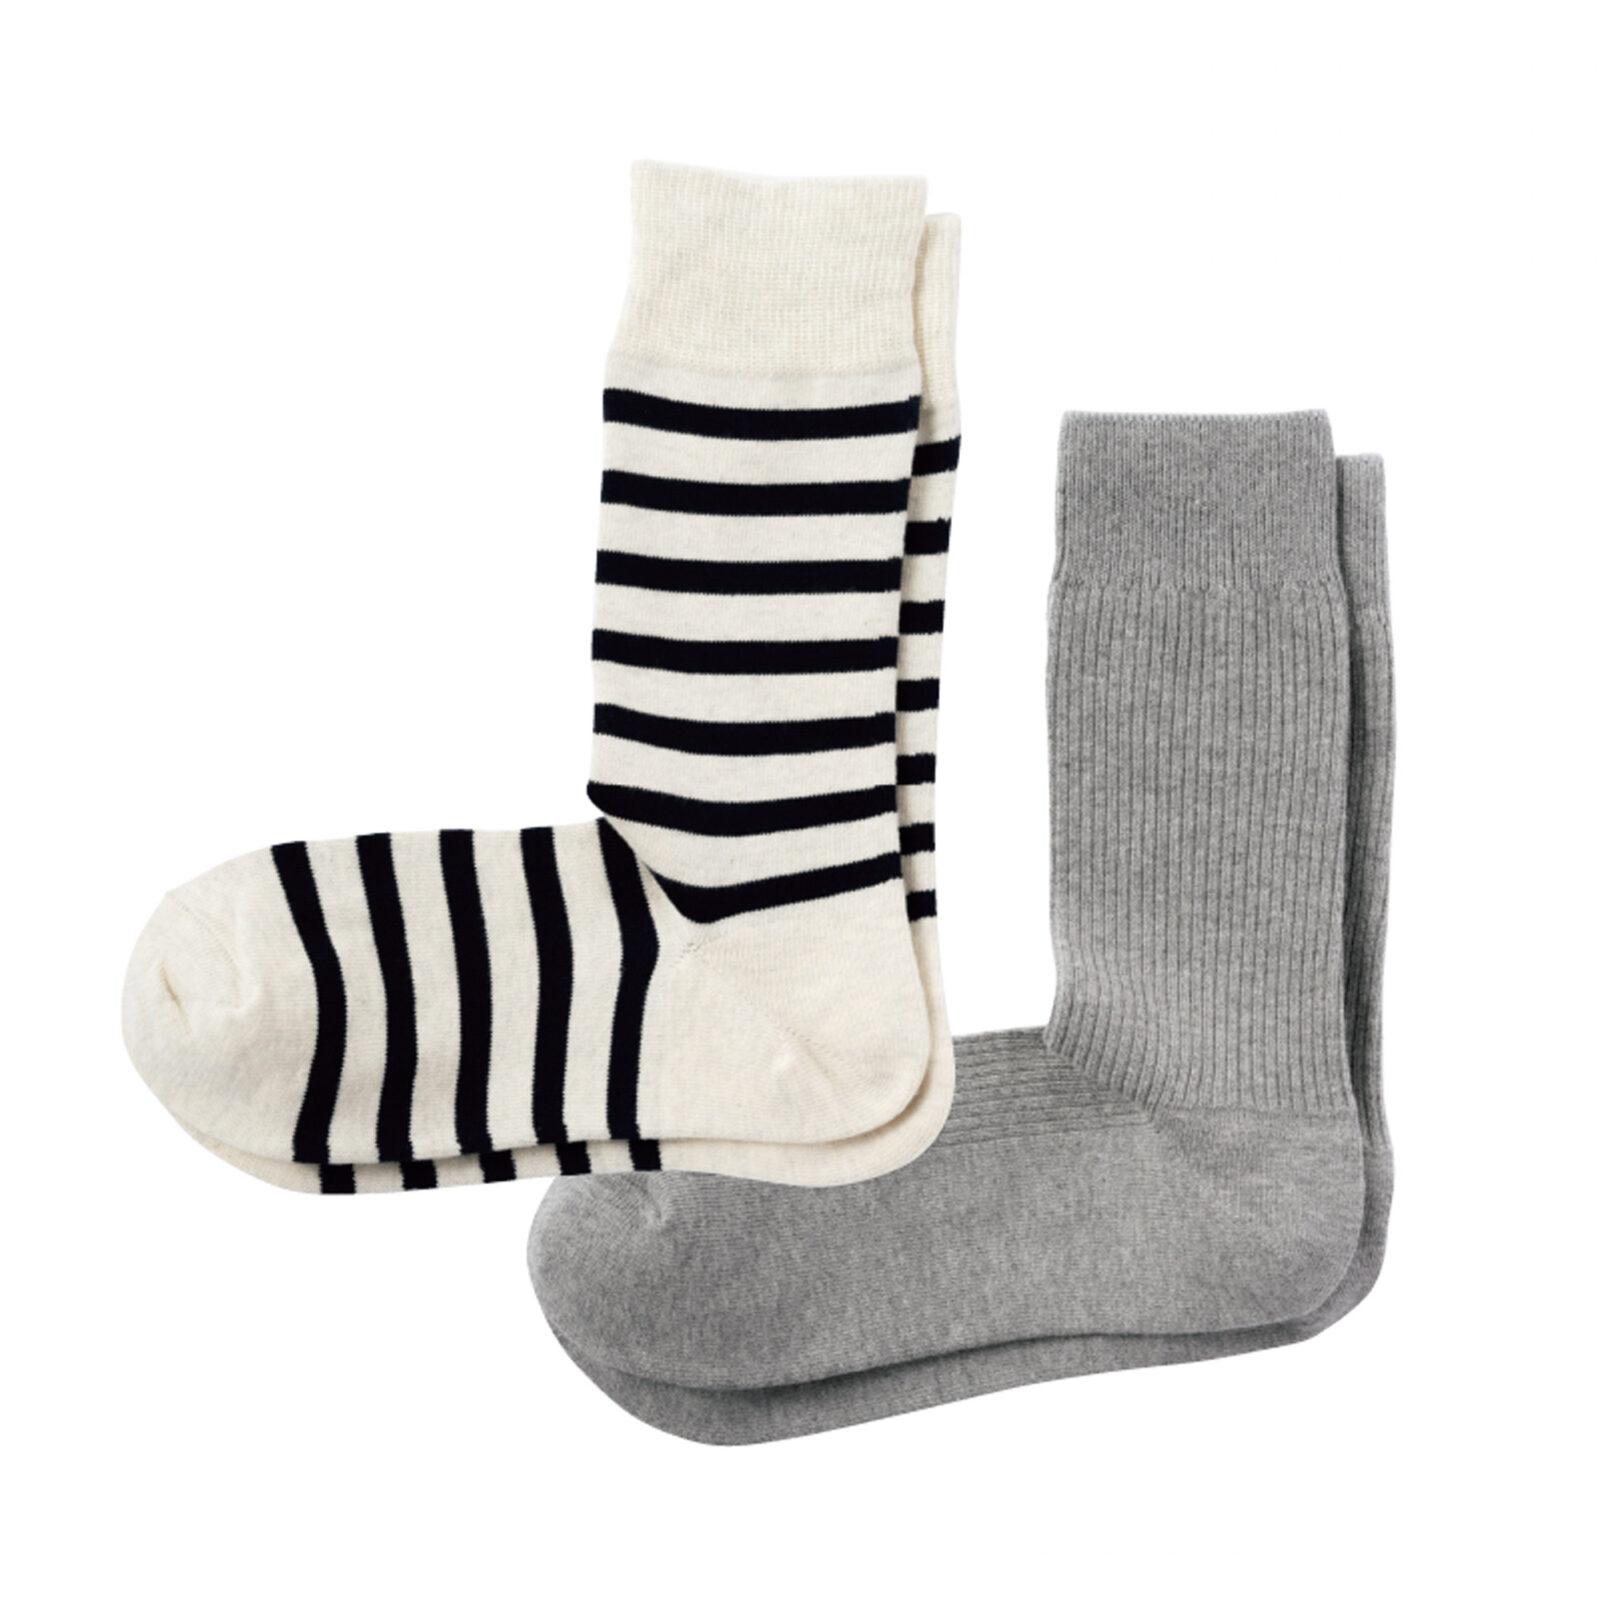 〈無印良品〉のソックス1990年代から綿製品で使用するコットンを積極的にオーガニックコットンに切り替えている無印良品。原料生産地の環境保全や生産農家の安全に配慮し、オーガニックコットンの使用量の拡大に継続的かつ長期的に取り組んでいる。オーガニックコットン混足なり直角リブ靴下(グレー)、ワイドボーダー柄靴下(オートミール)各¥362(無印良品 池袋西武 TEL:03-3989-1171)